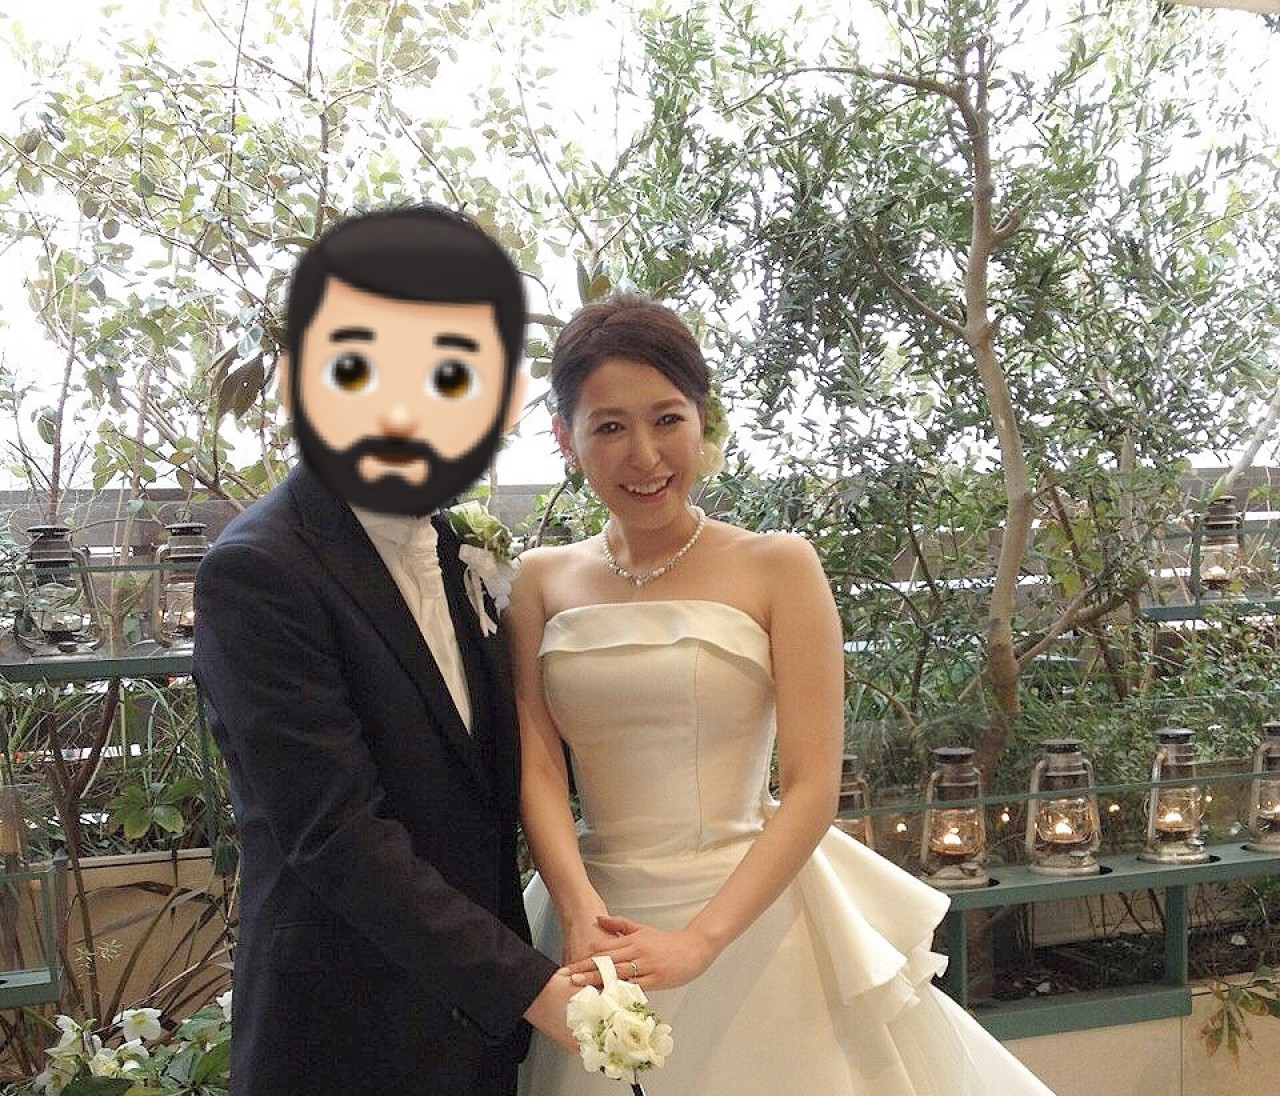 【婚BAILA】ウェディングドレスと結婚式